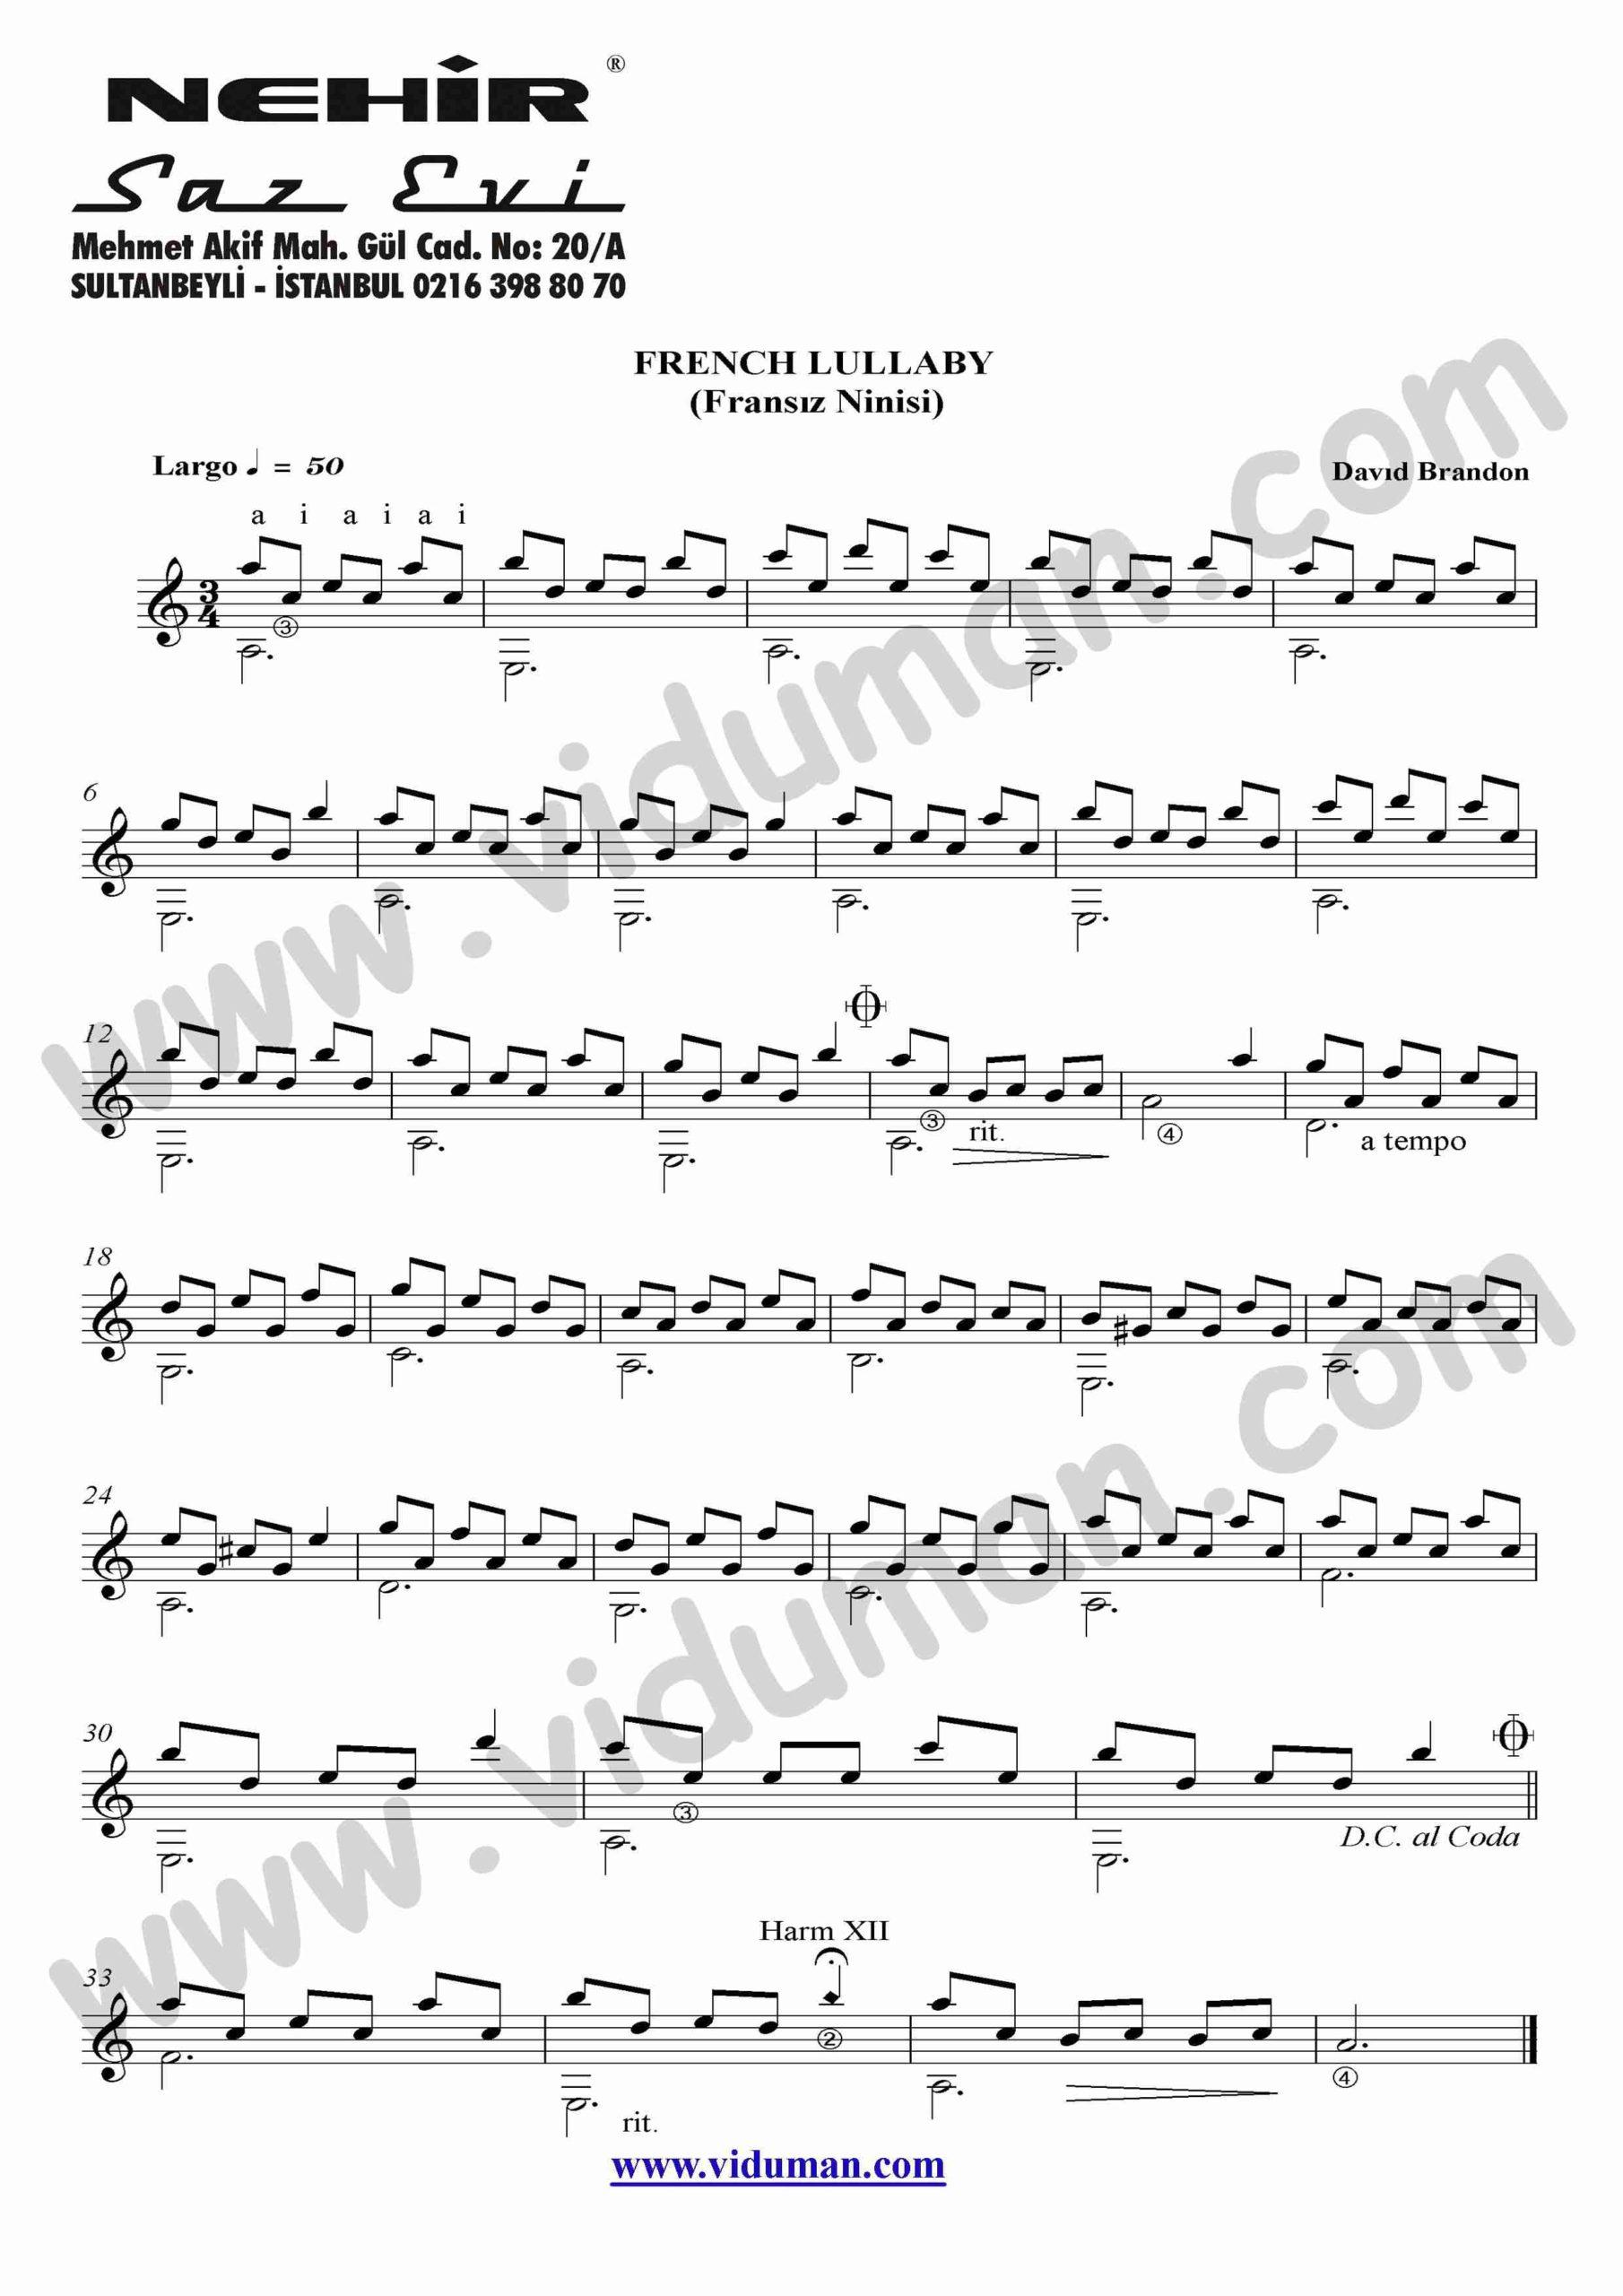 44- French Lullaby Fransiz Ninisi (David Brandon)